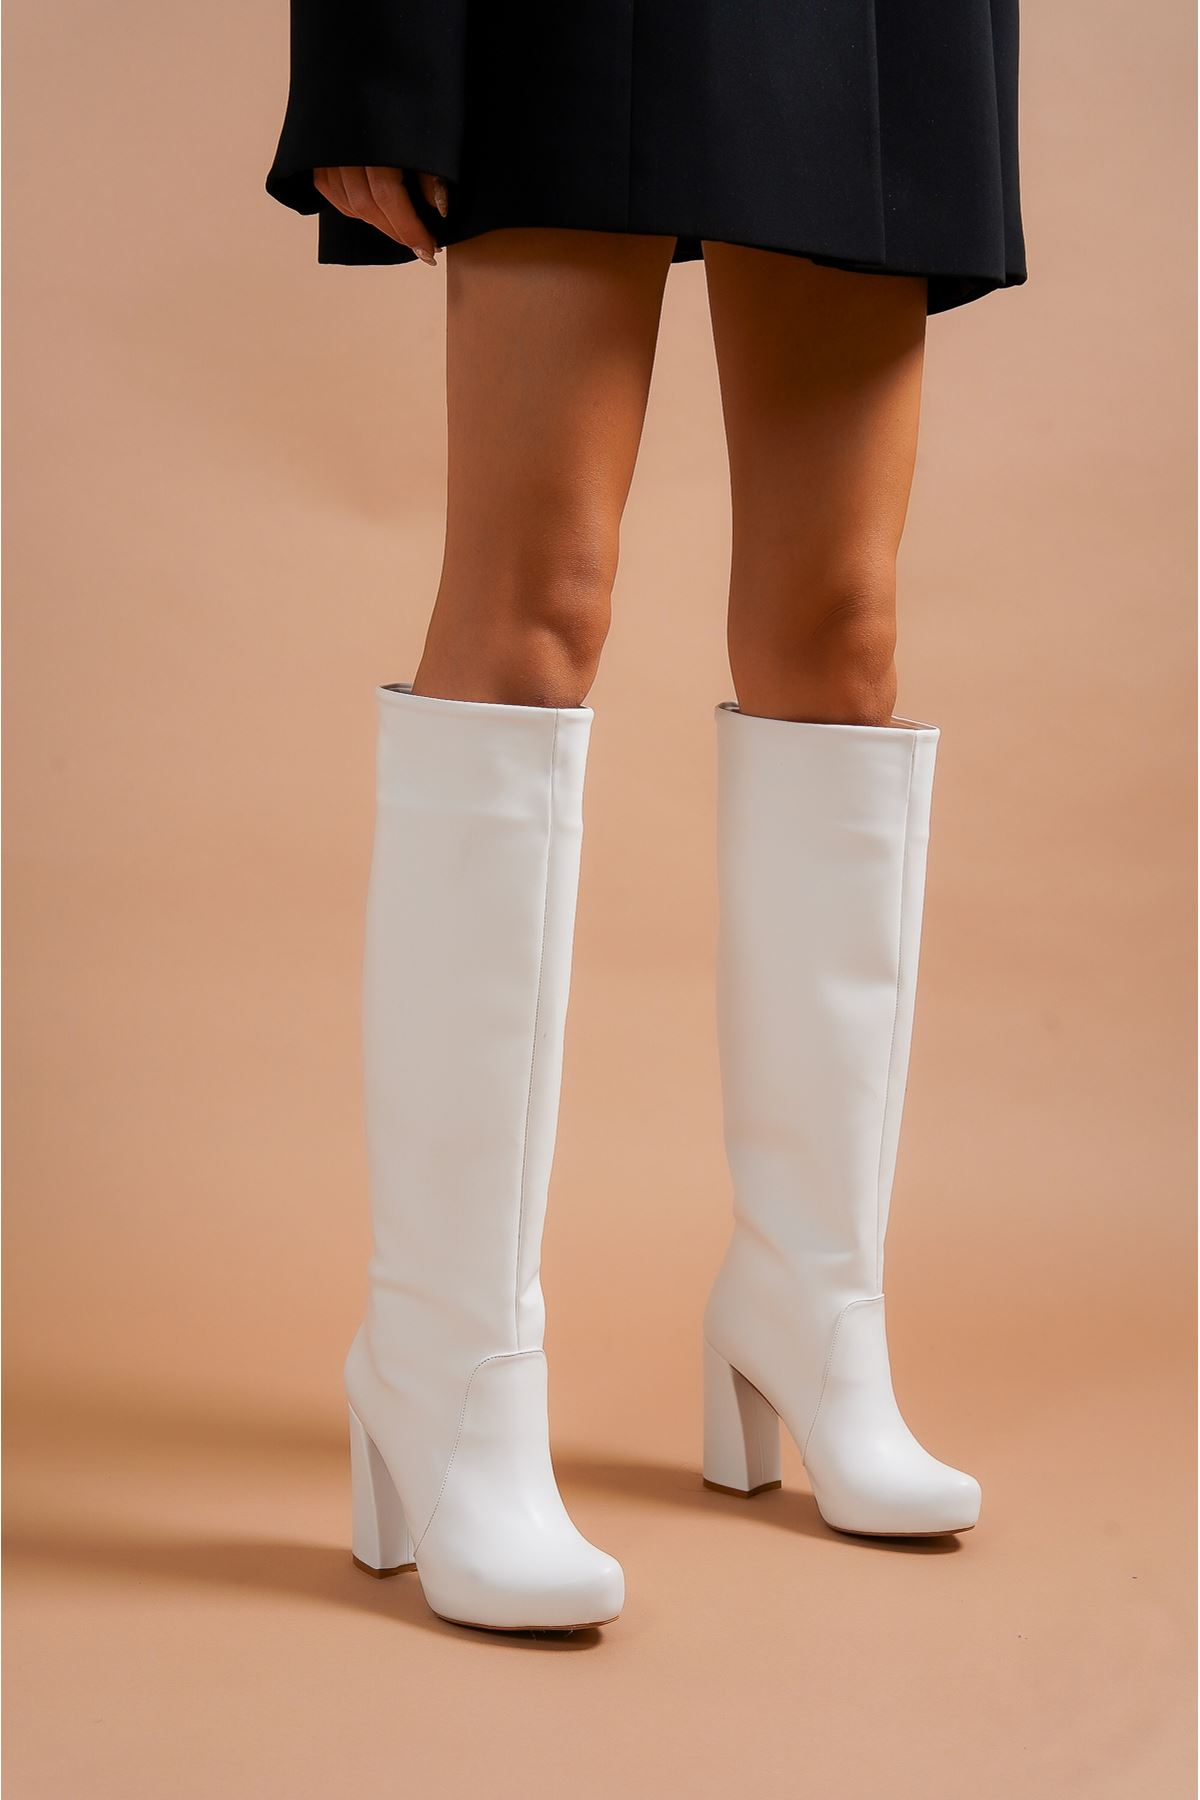 Sammy Beyaz Cilt Topuklu Kadın Çizme